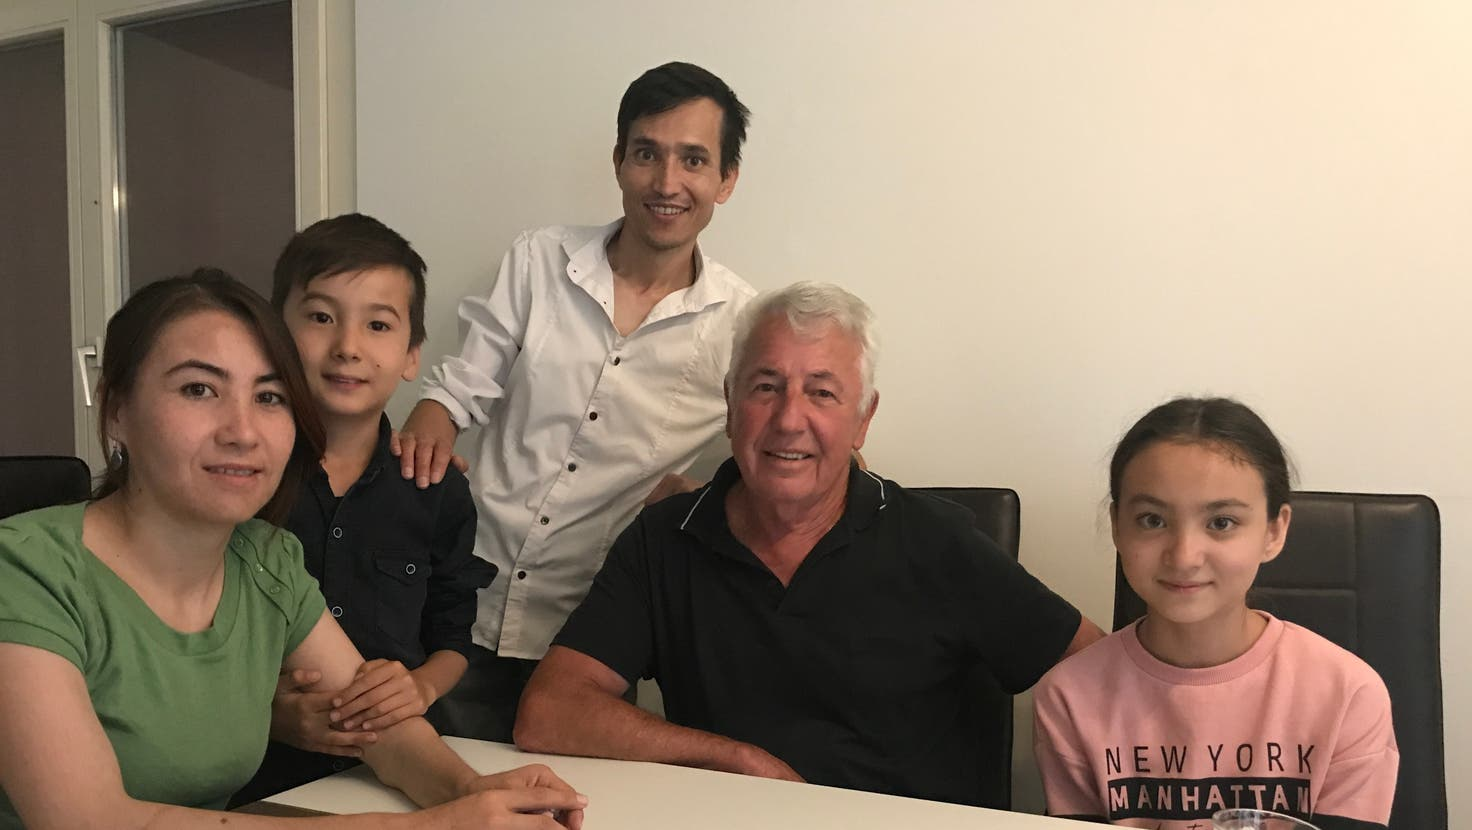 Endlich vereint nach acht Jahren: (v.l.) Sanowbar, Perviz, Ali und Arezoo Nazari in Welschenrohr. In der Mitte Hansruedi Gunziger, der beim dramatischen Familiennachzug half. (frb)